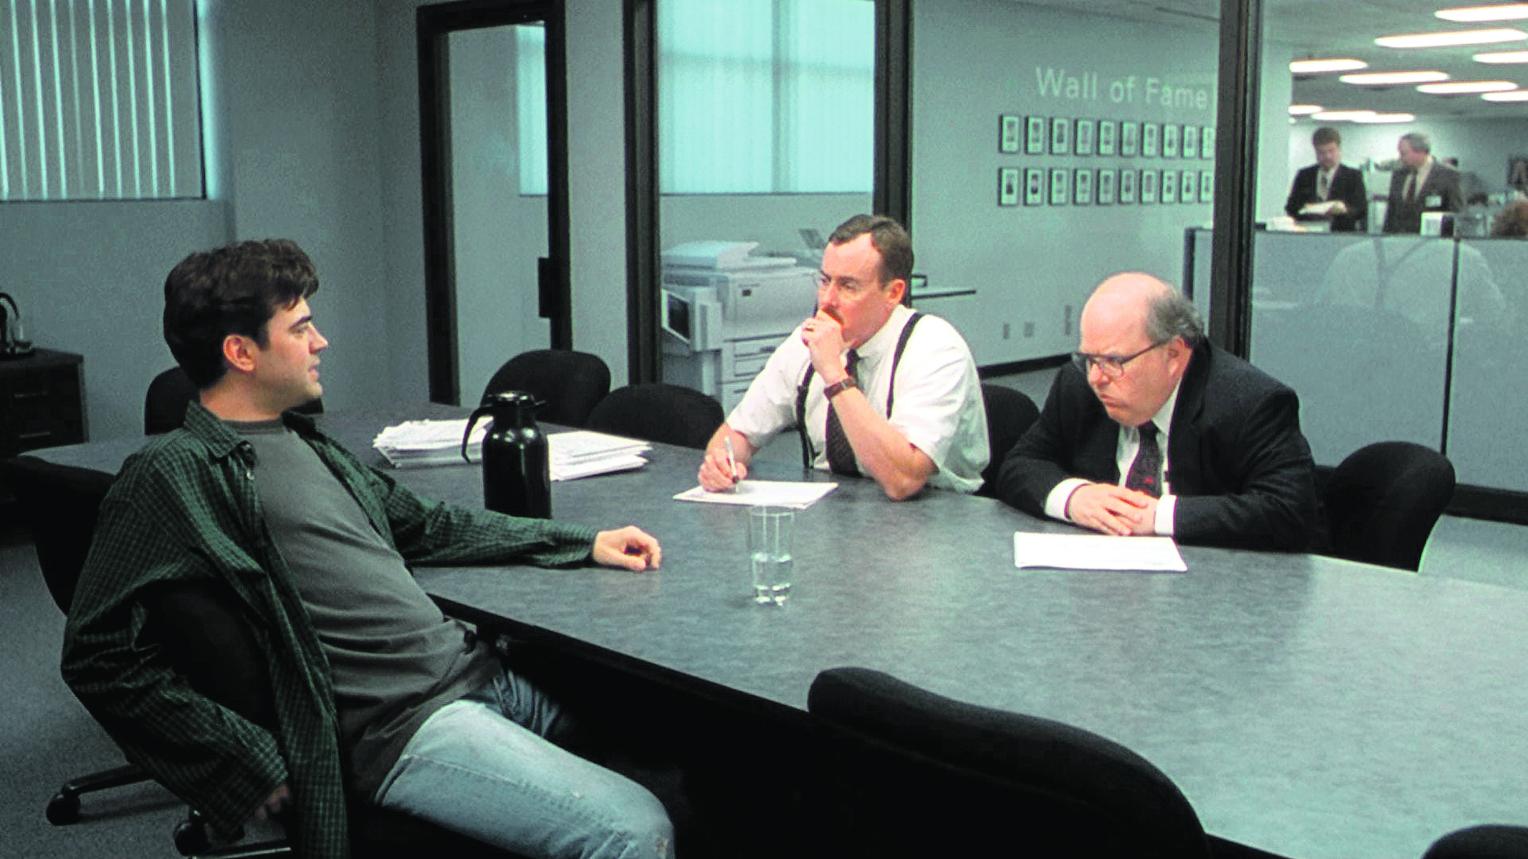 Scena iz filma 'Office Space'